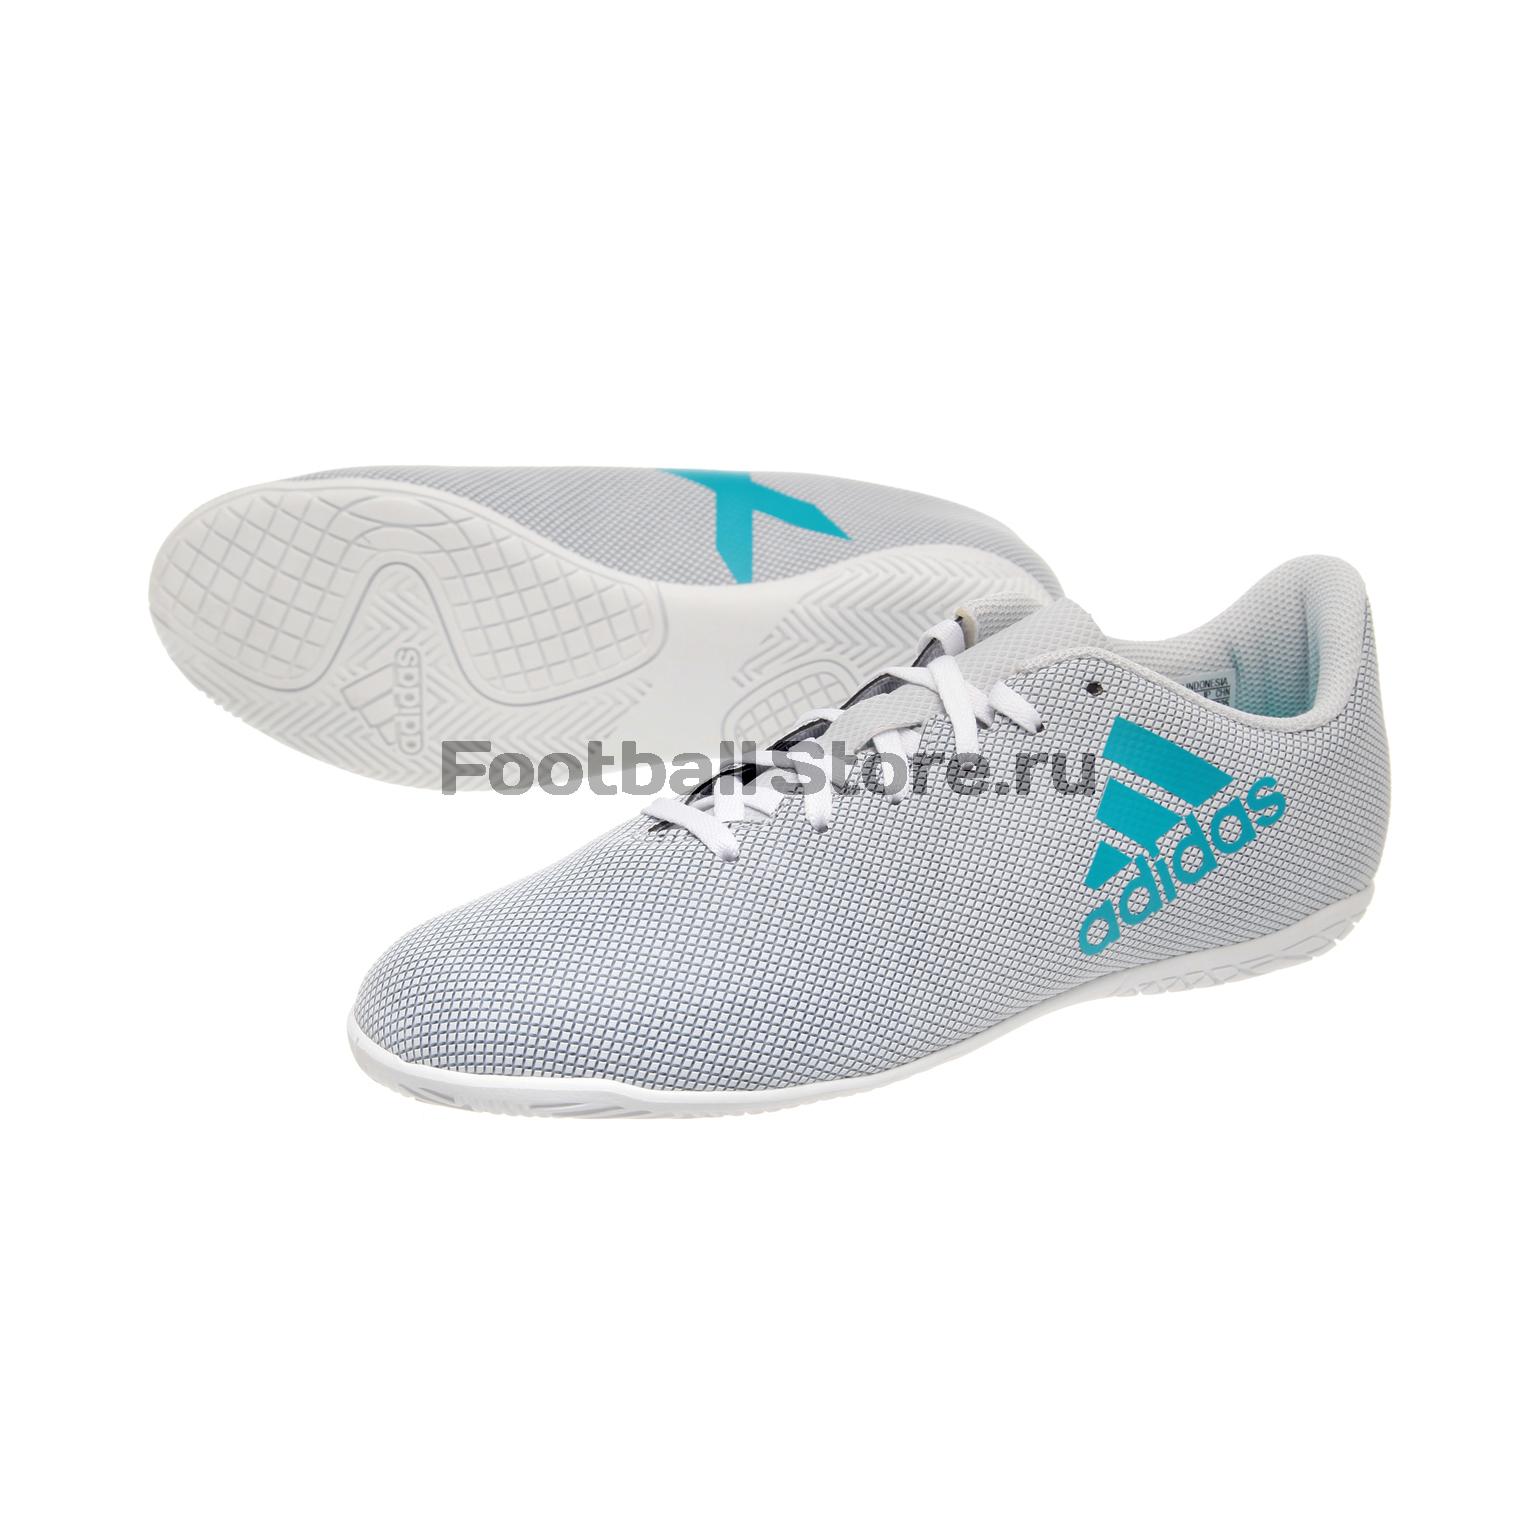 Детские бутсы Adidas Обувь для зала Adidas X 17.4 IN JR S82408